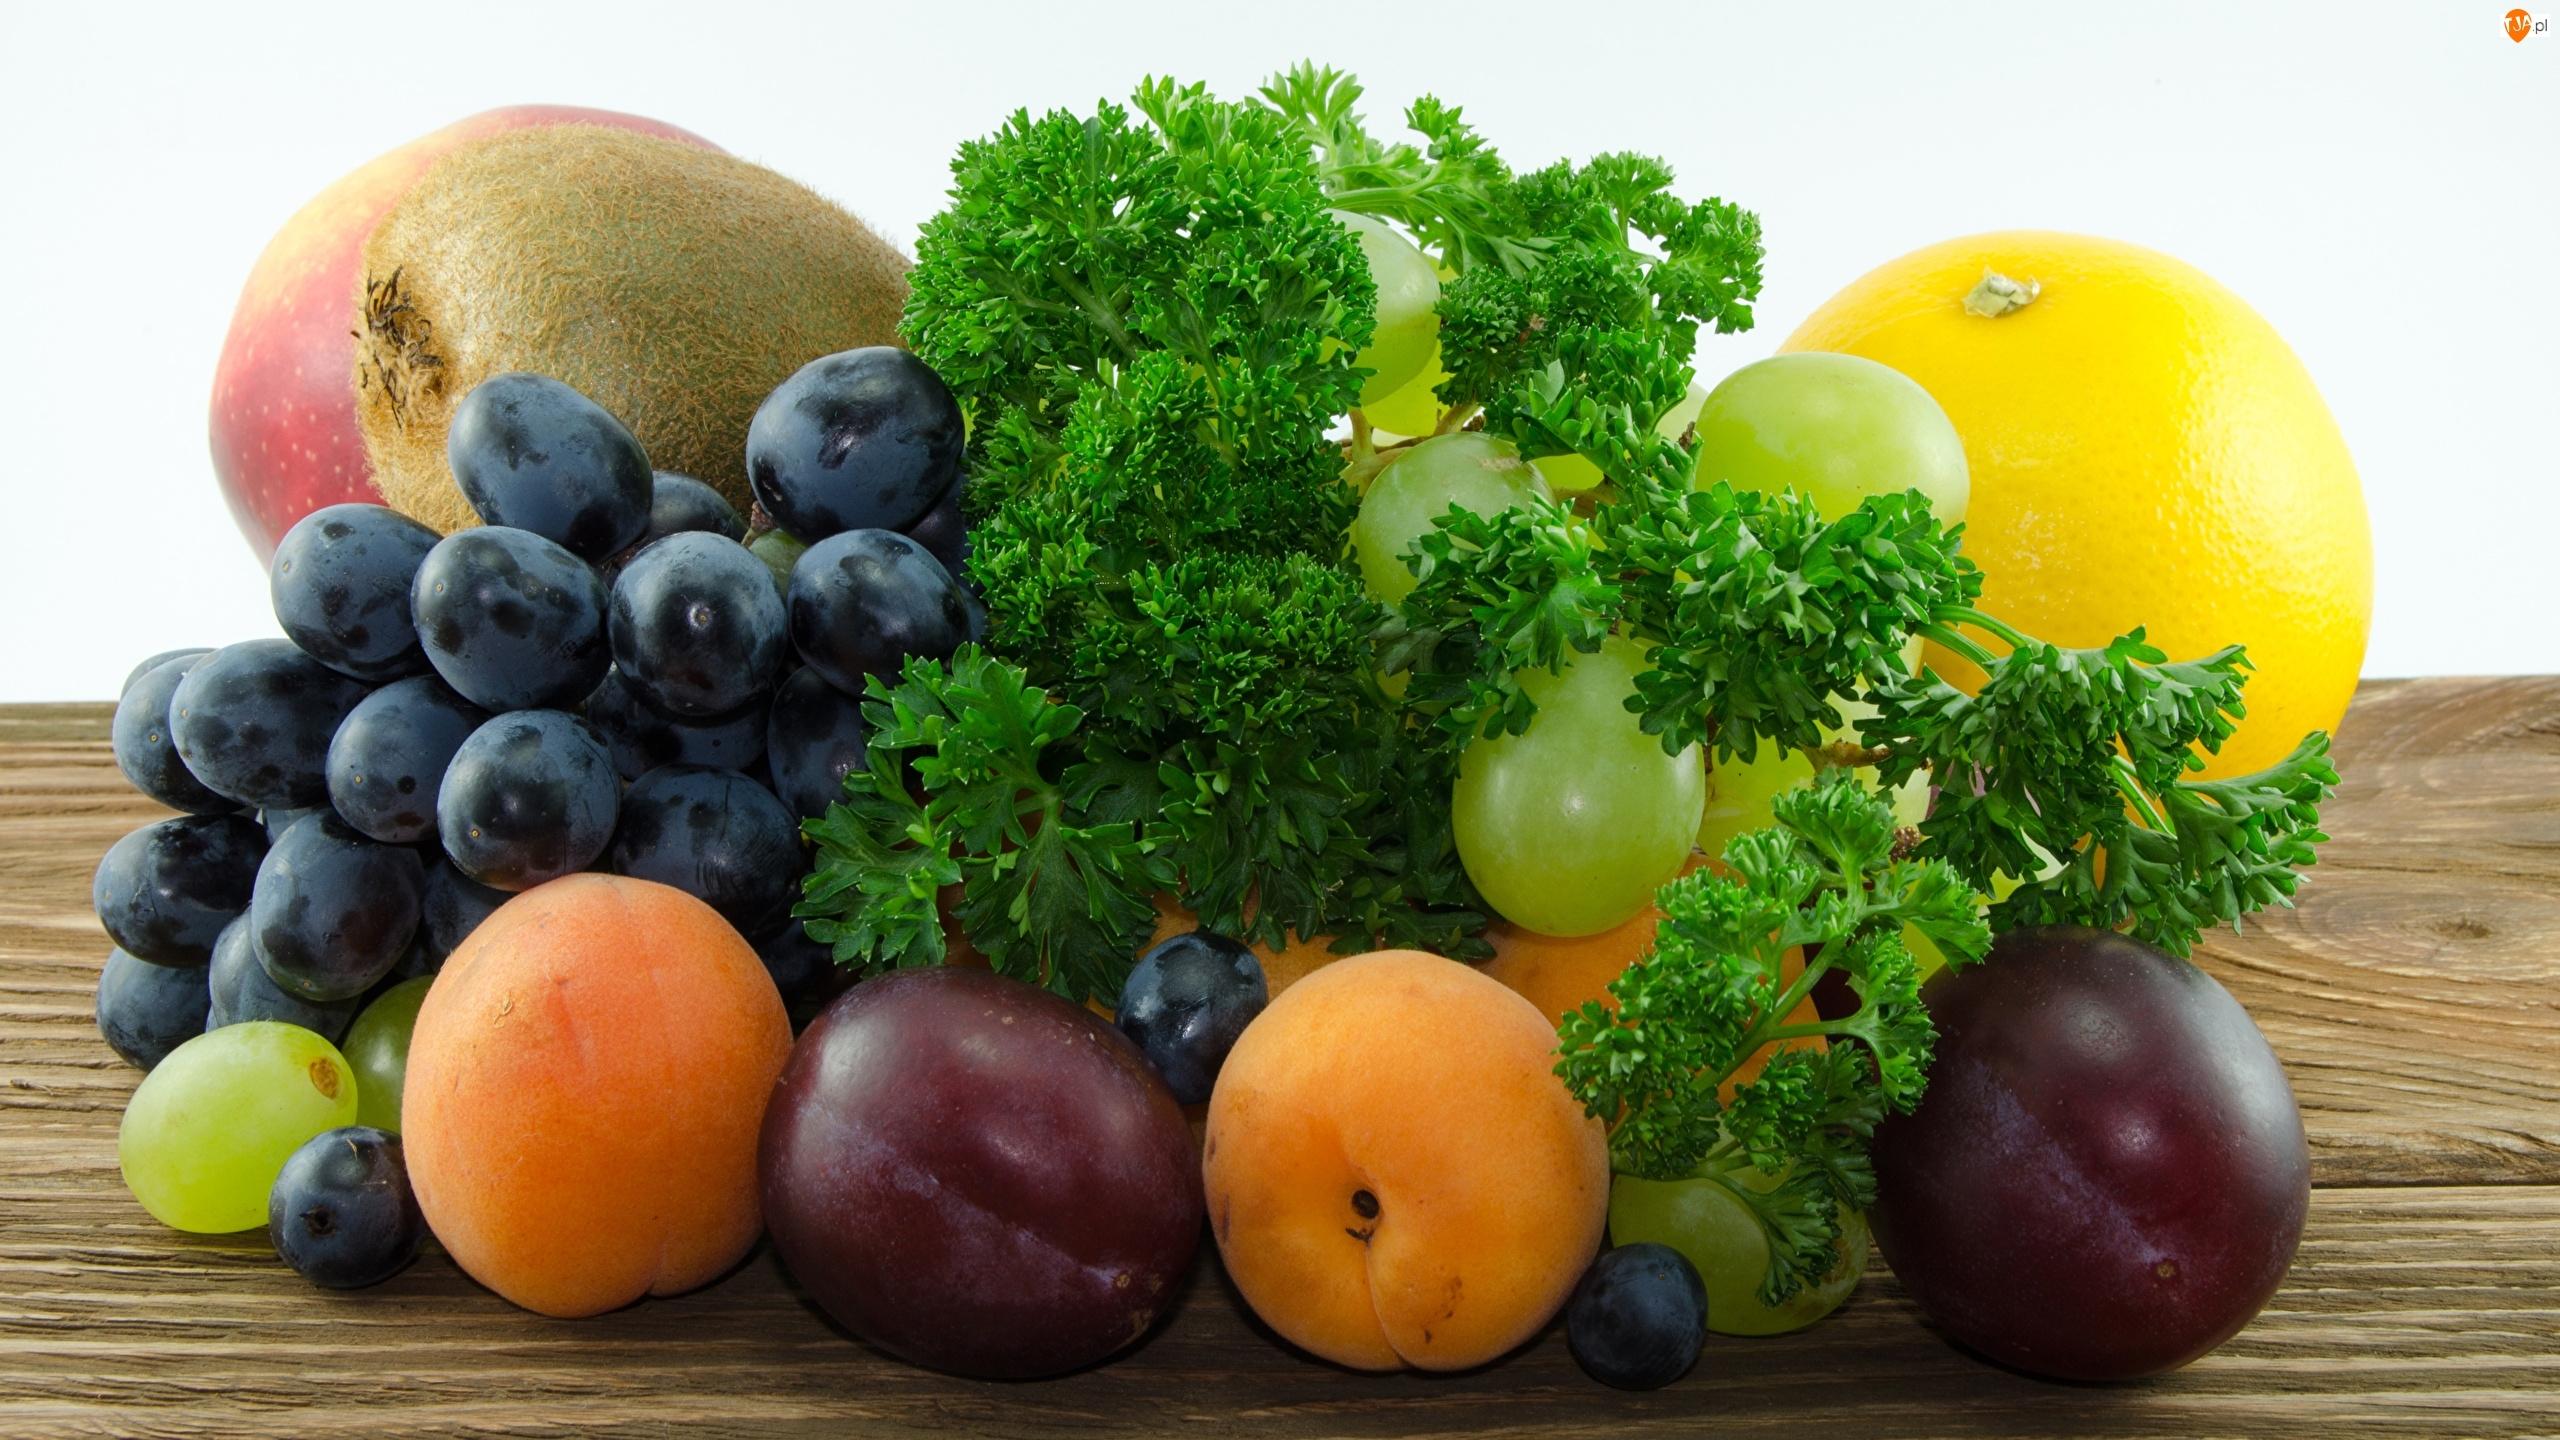 Winogrono, Śliwki, Pietruszka naciowa, Owoce, Grejpfrut, Morele, Kiwi